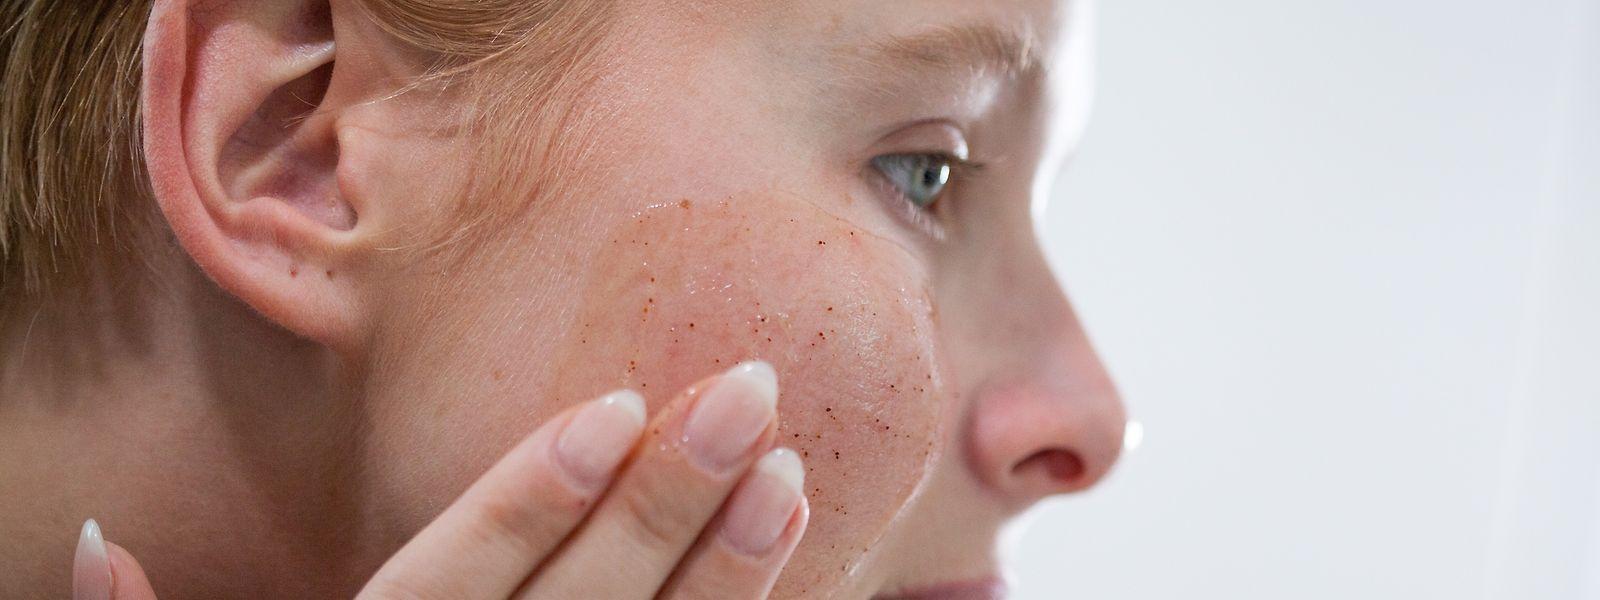 Mikroplastik-Teilchen in Peelings sollen helfen, alte Hautschüppchen zu entfernen.